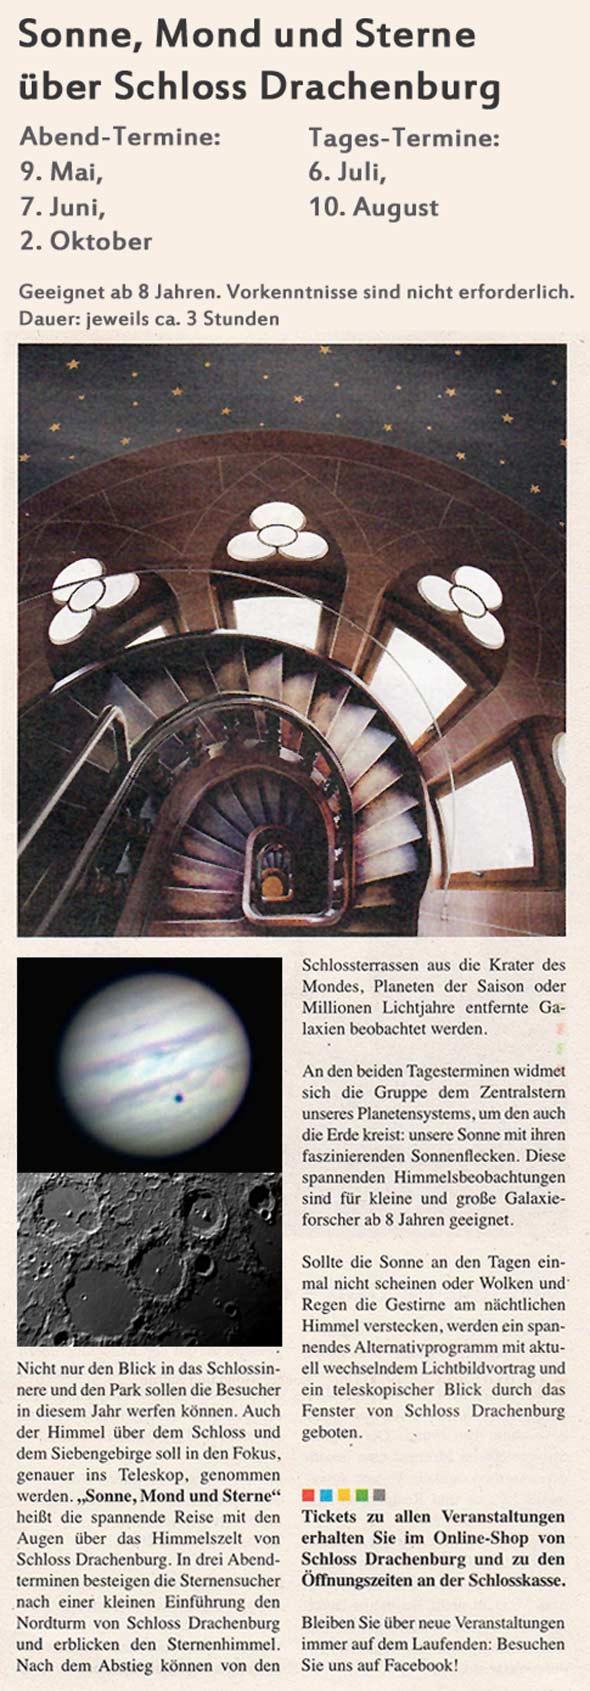 Schloss Drachenburg - Sonne, Mond und Sterne